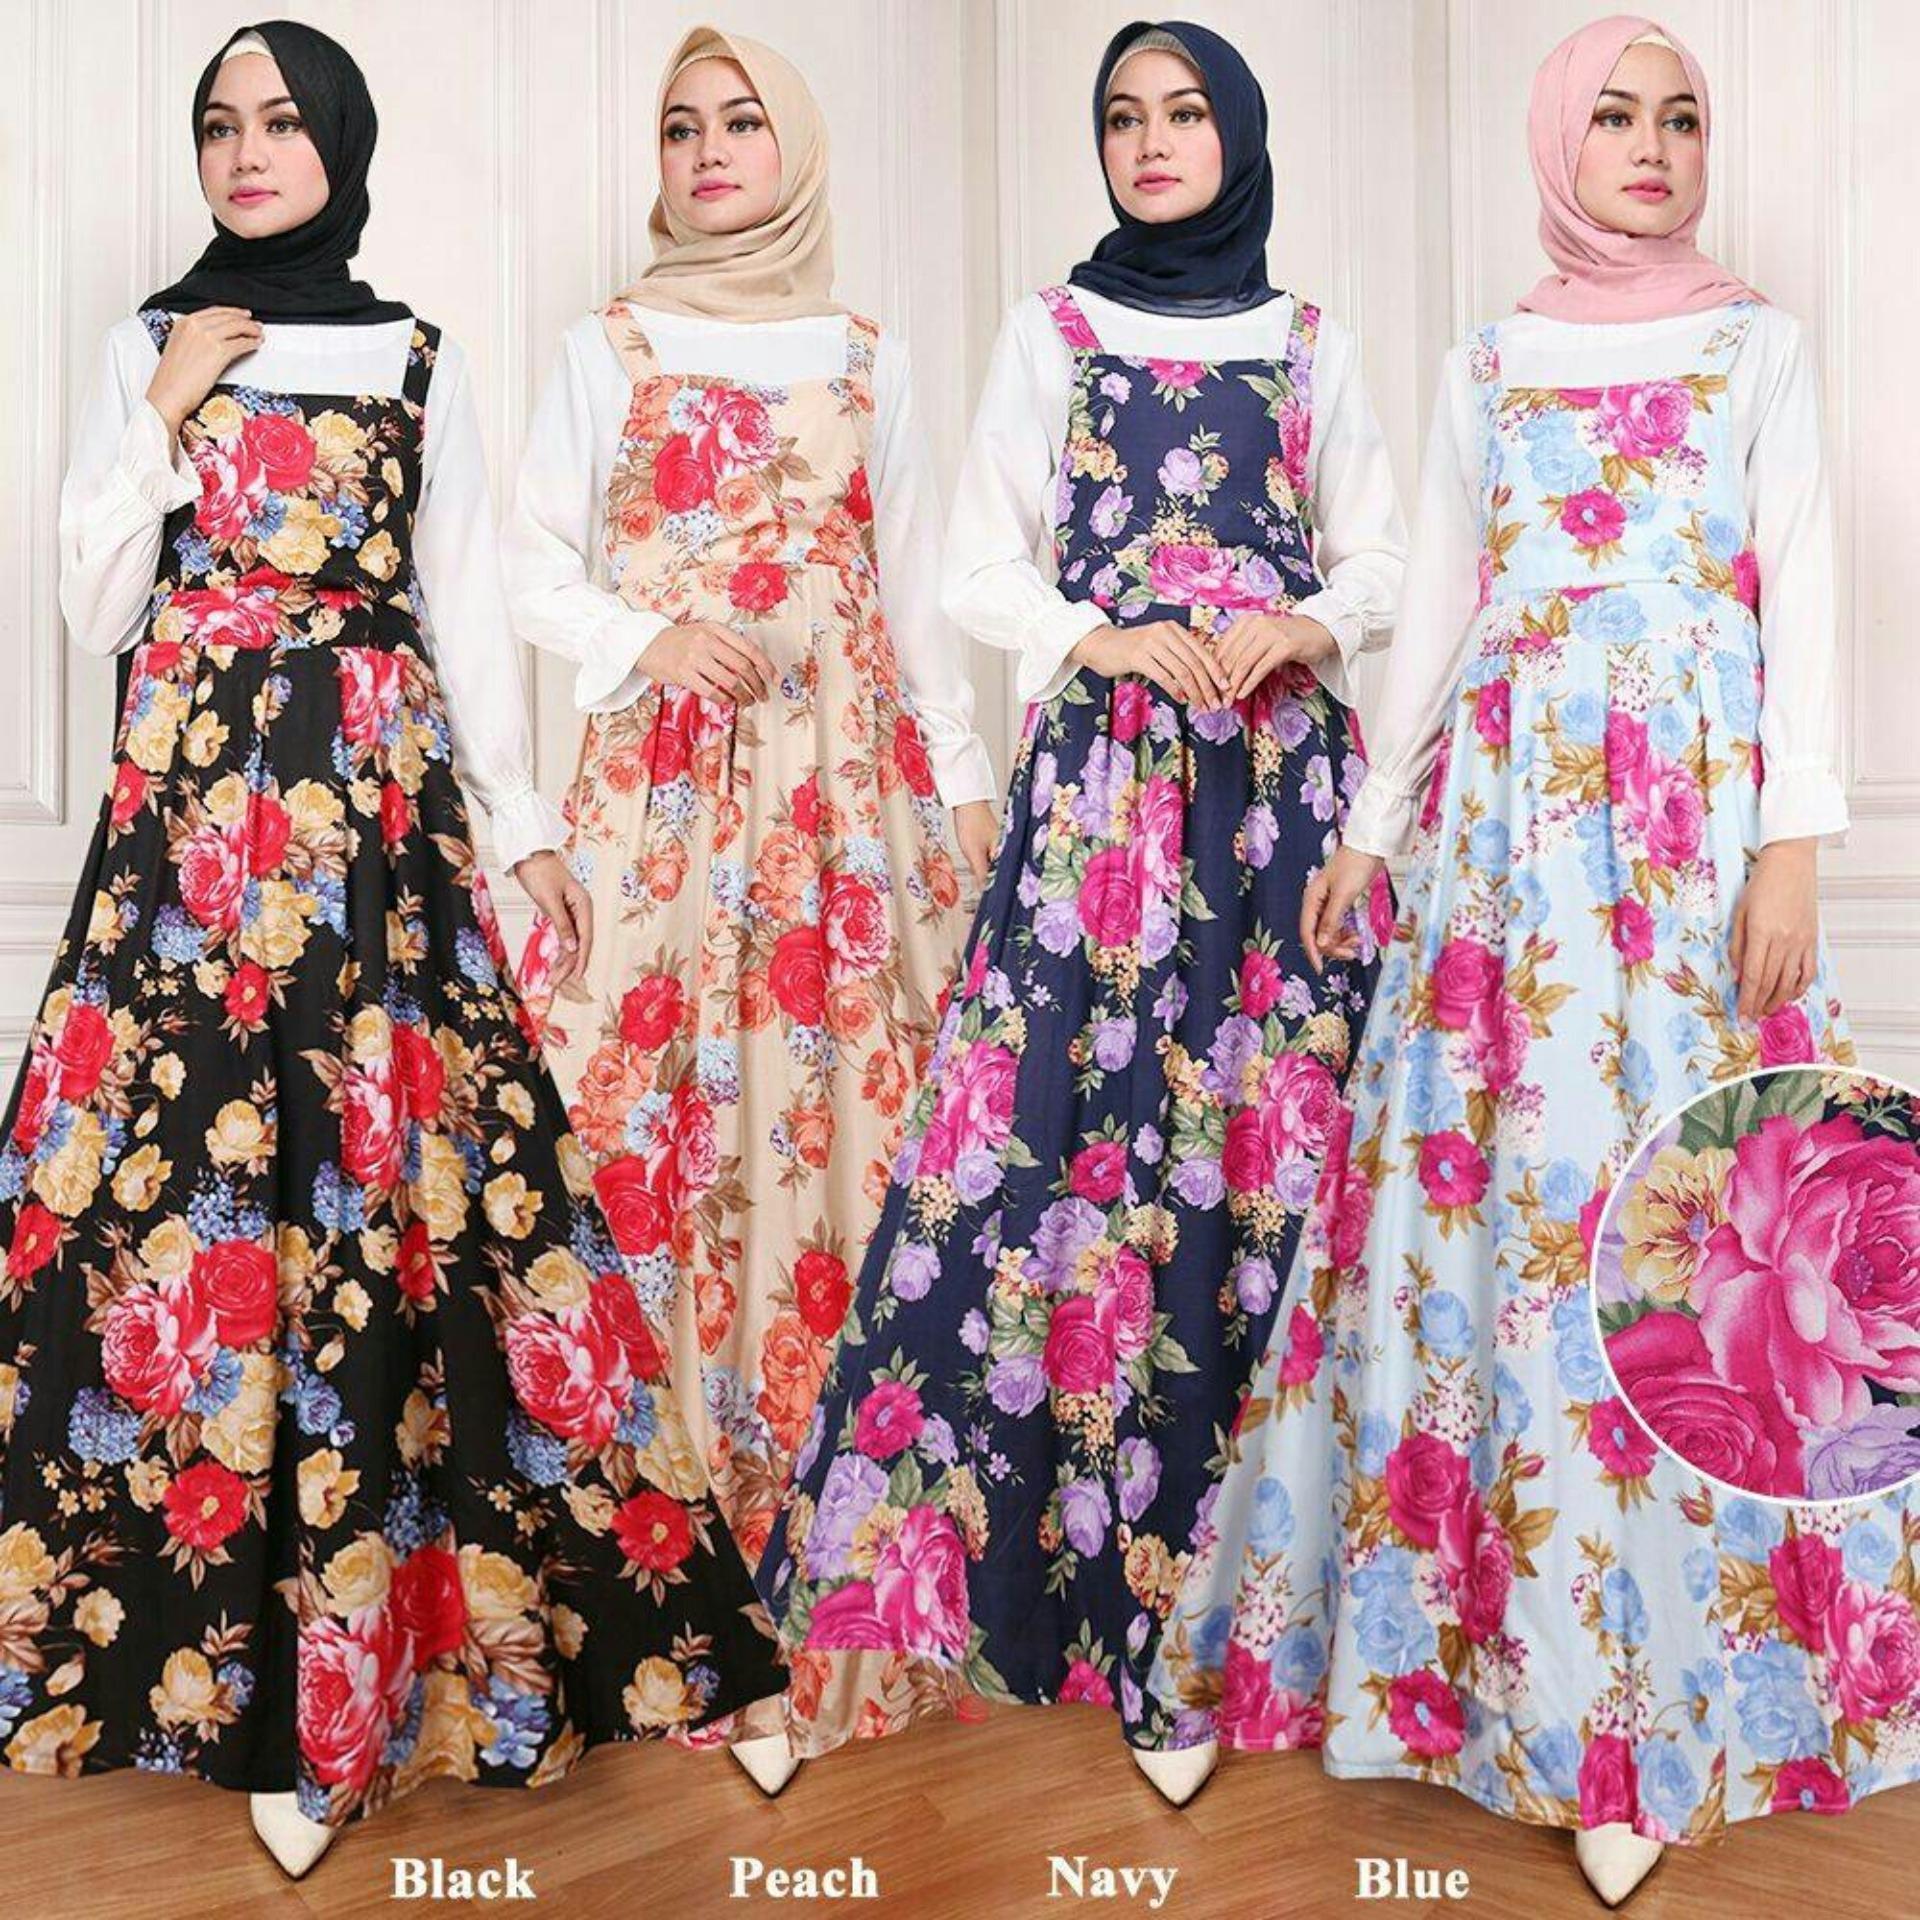 Claryne Maxi Overall Dress Wanita Muslim Lengan Panjang Motif Kembang Kekinian Else